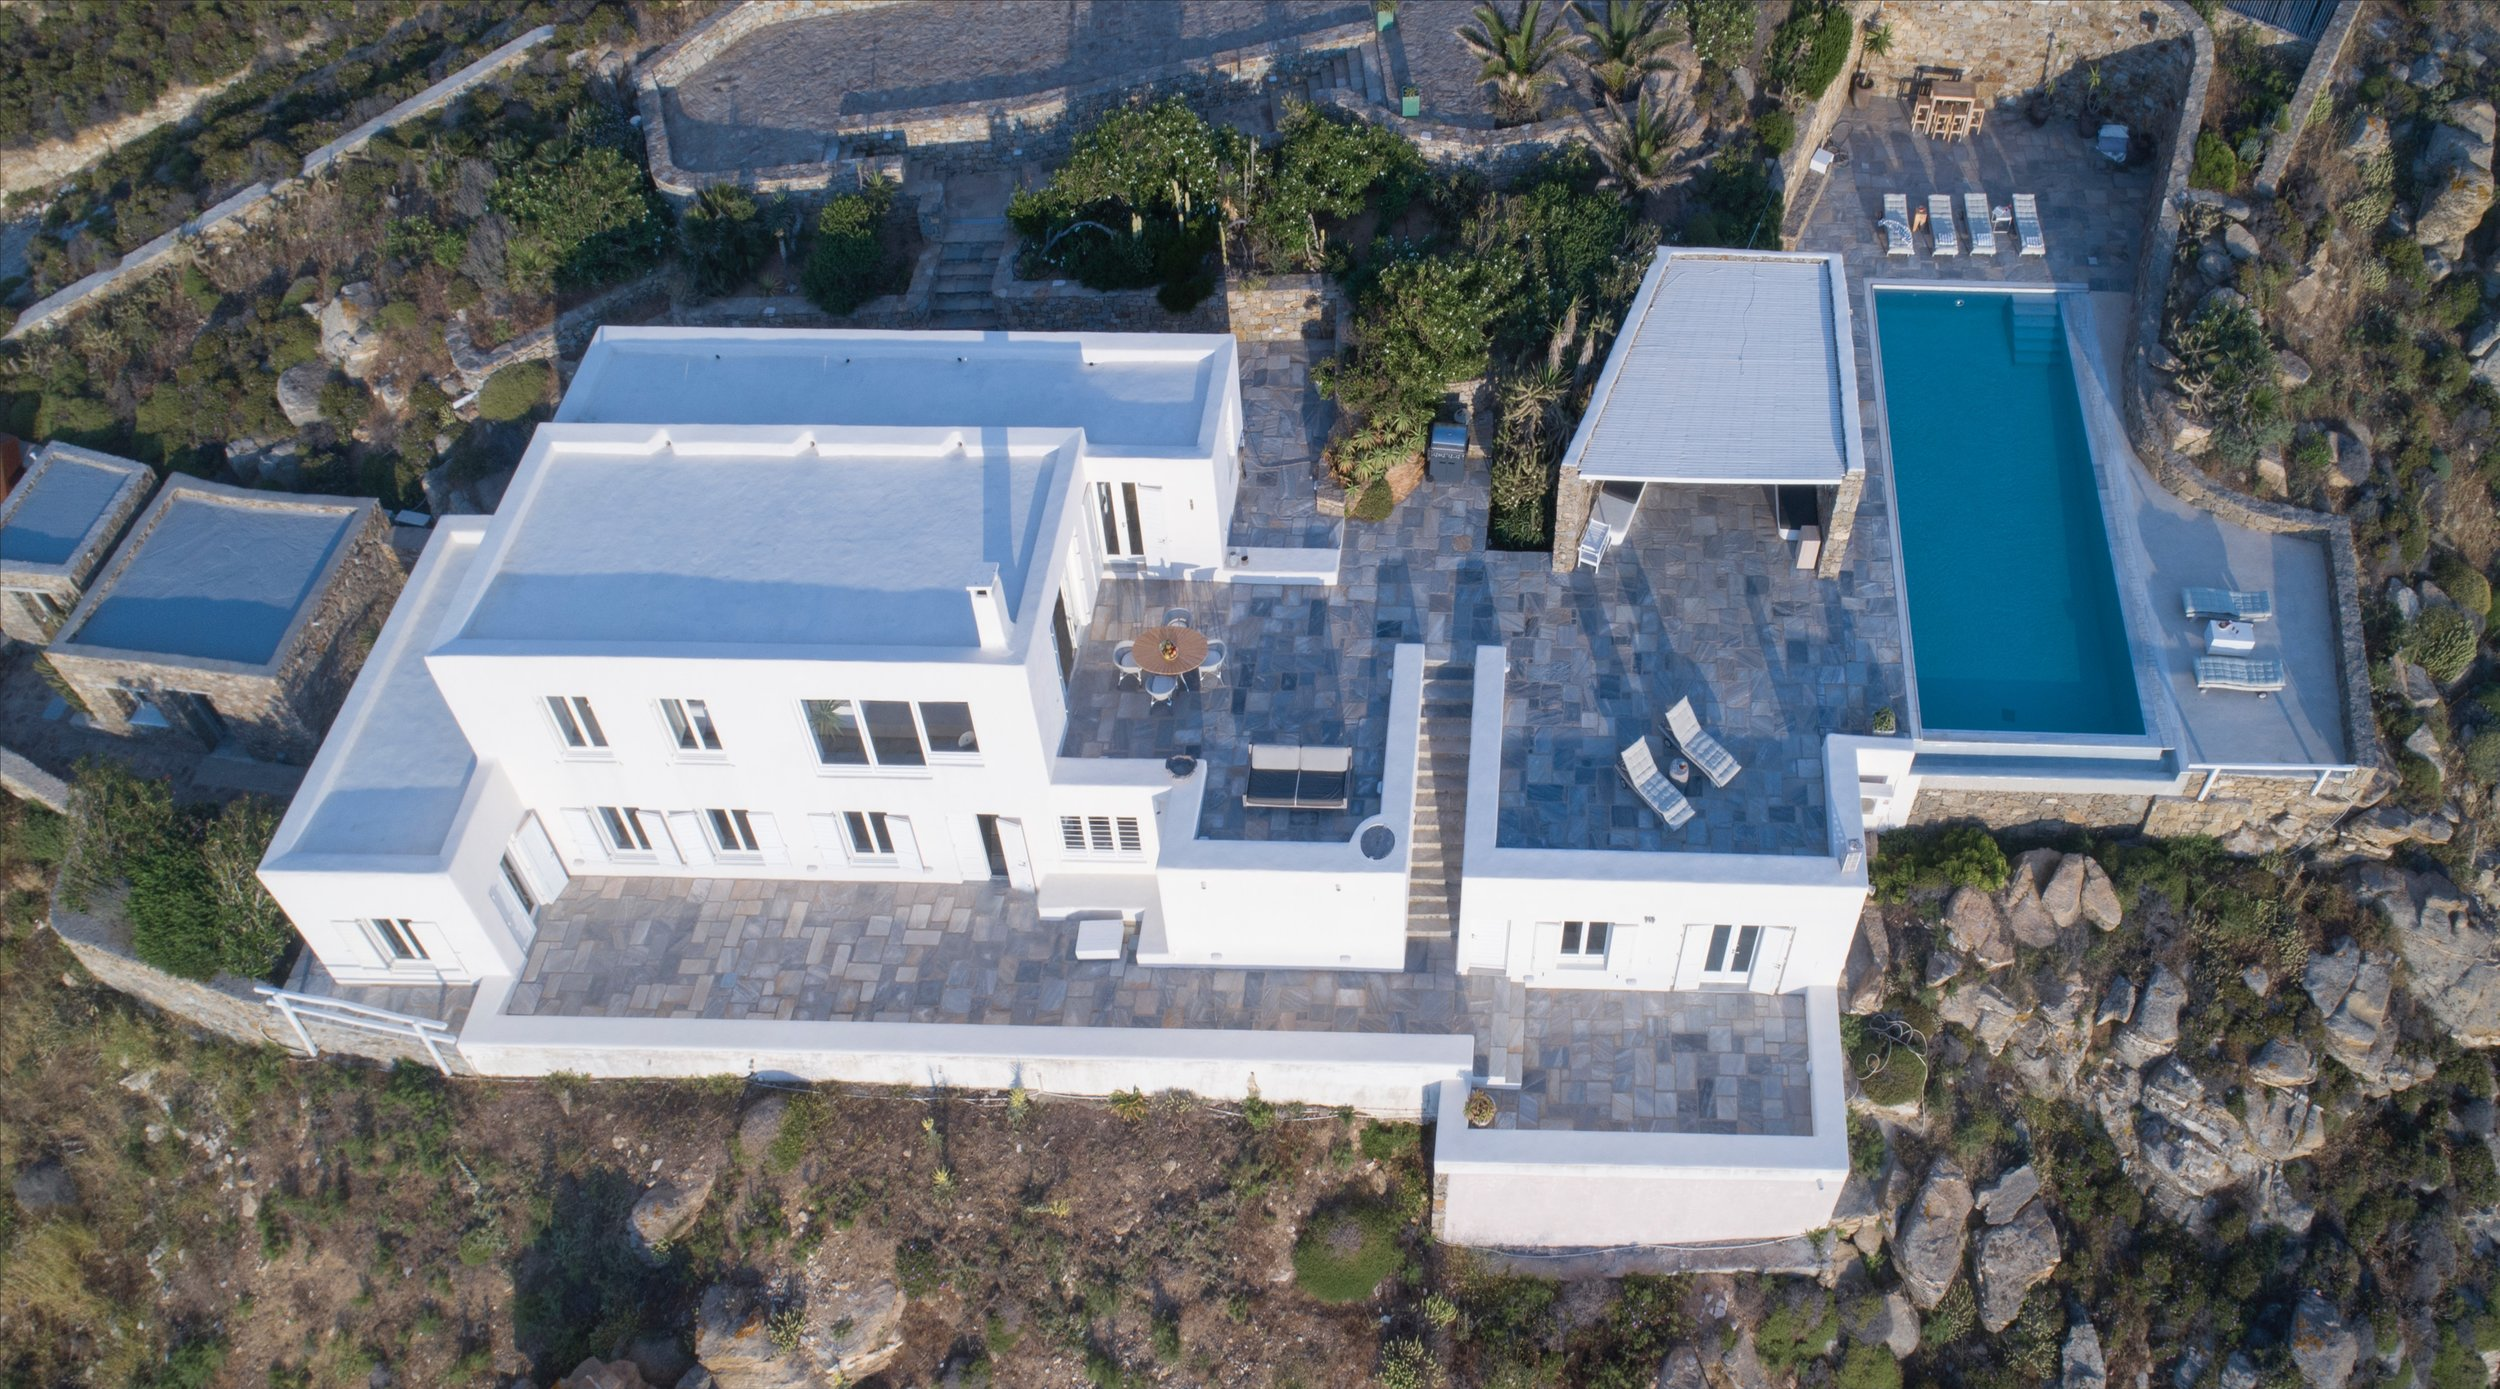 greece-sir-oceda-mykonos-446-2019-05-28_13-51-33_179368.jpg